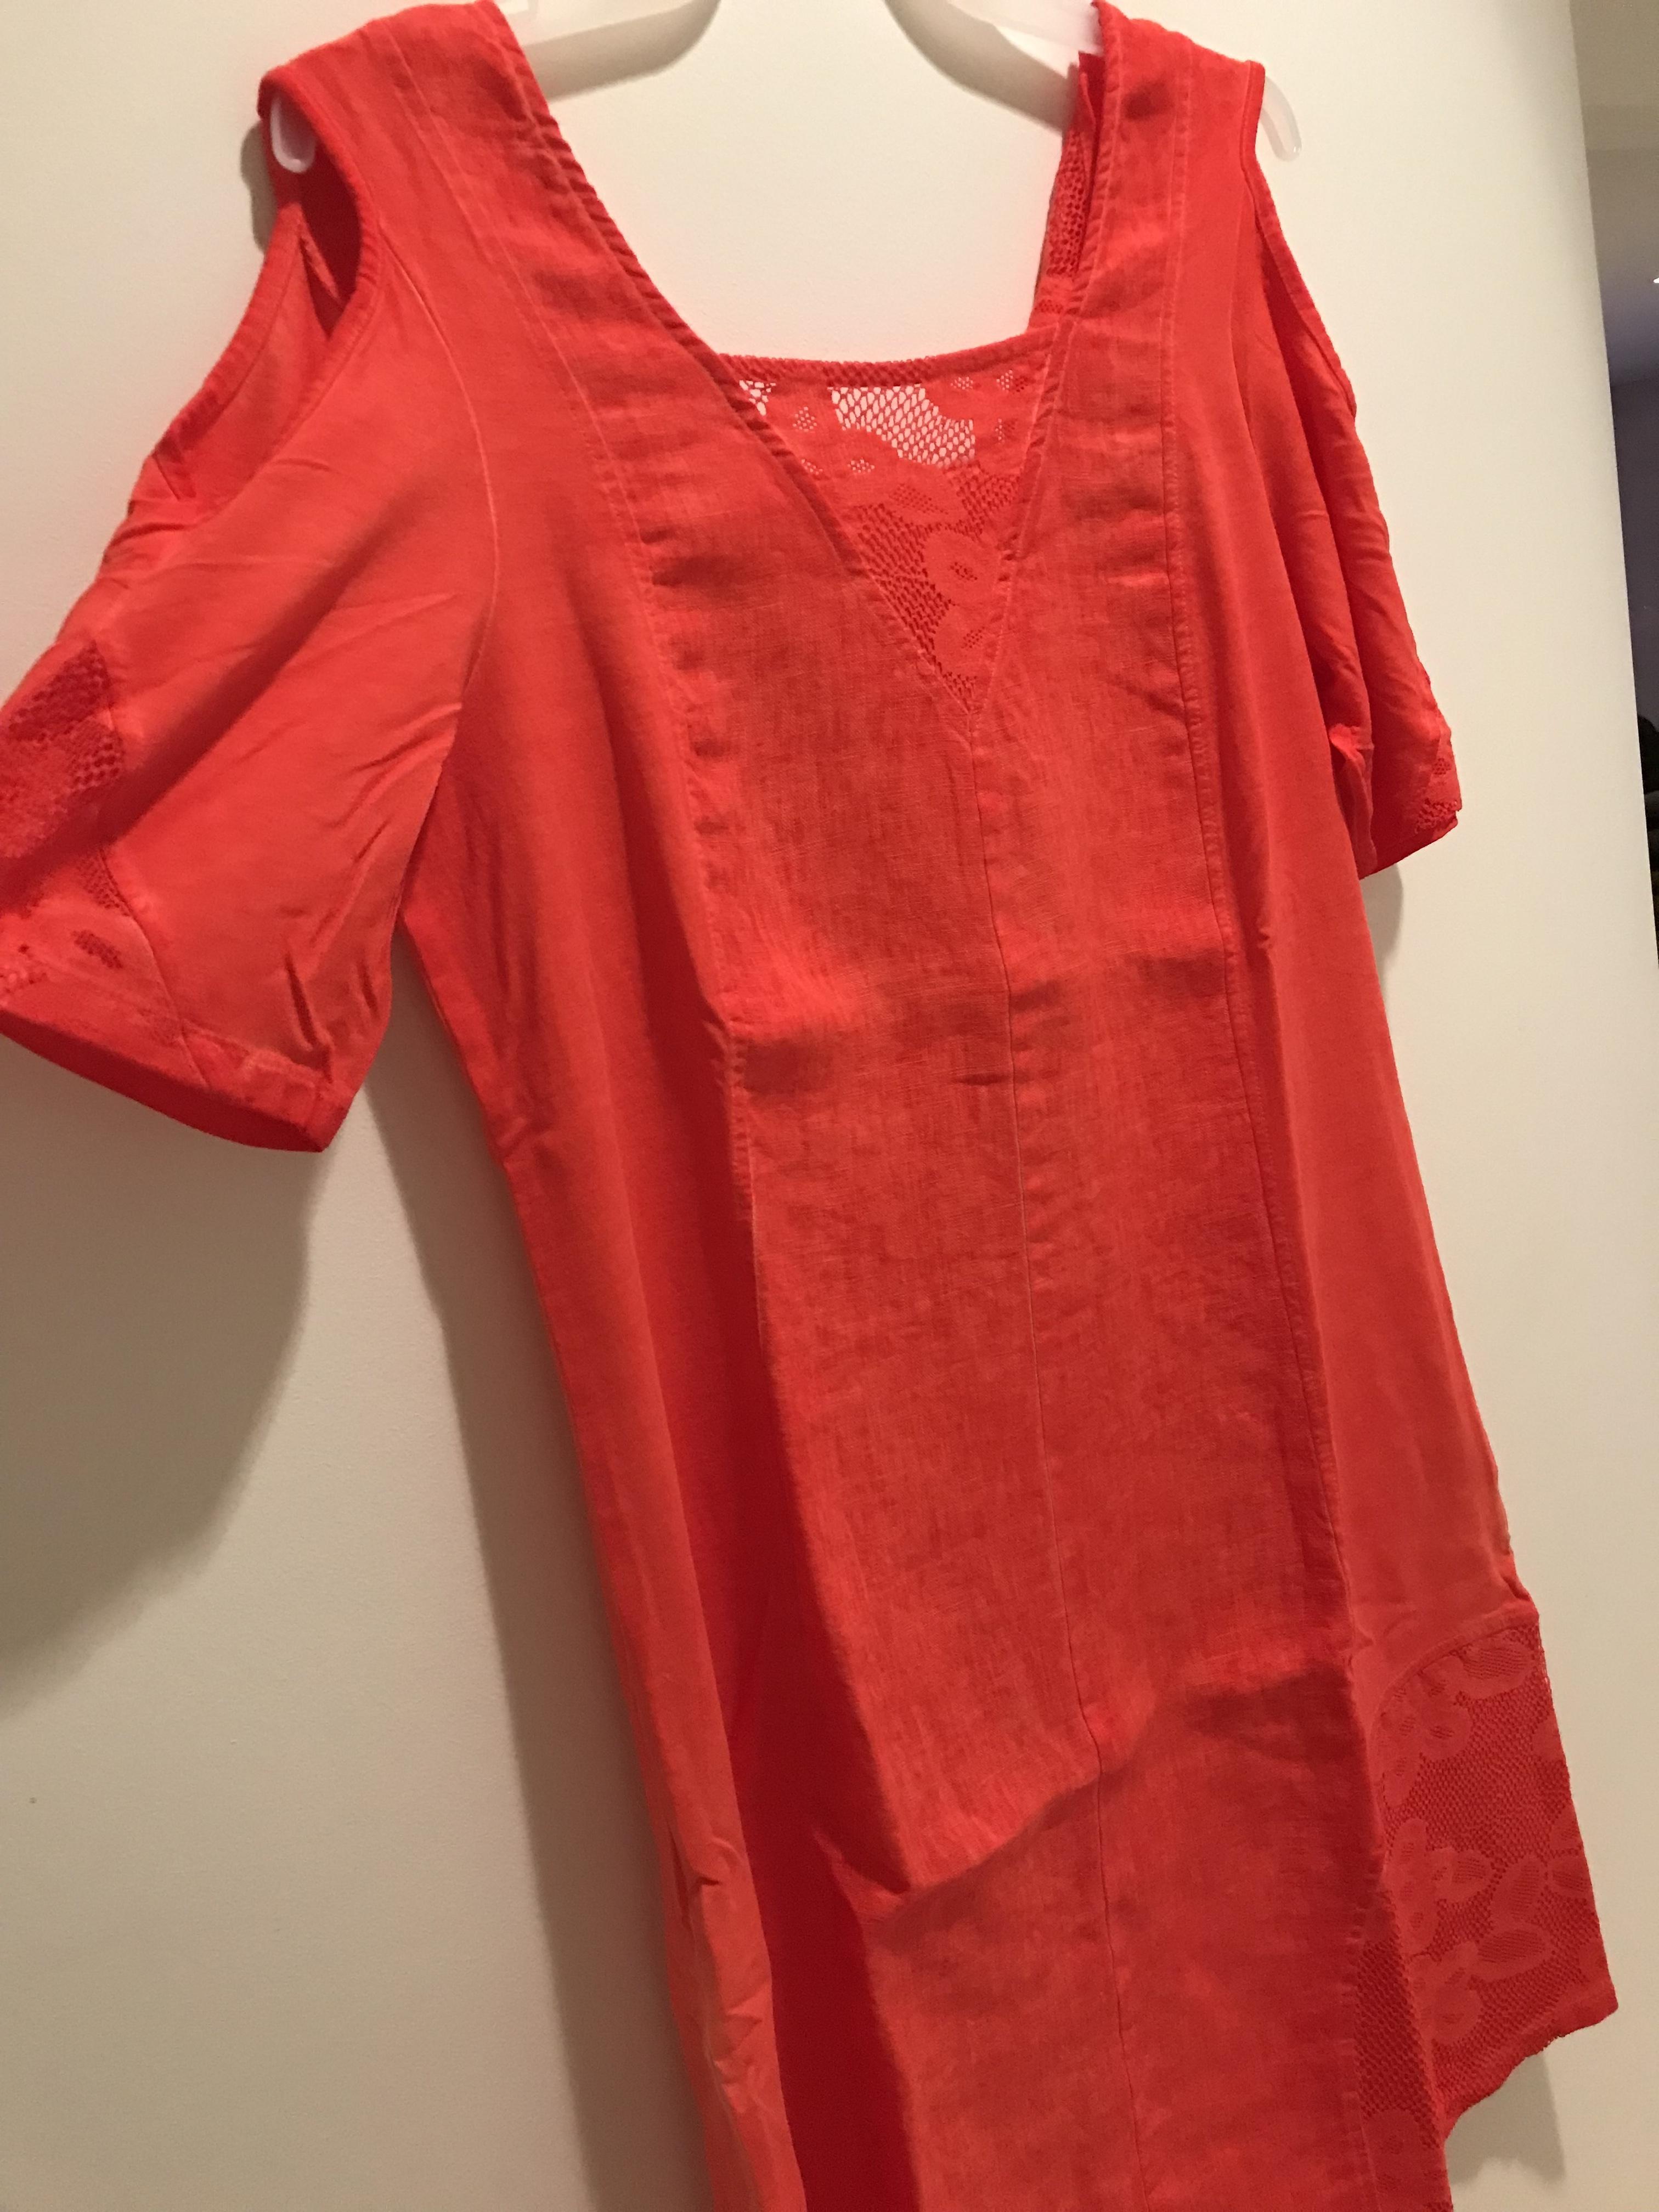 Maloka: Cutout Shoulder Princess Seam Linen Stretch Dress (1 left in Zest) MK_TALLIA_Zest